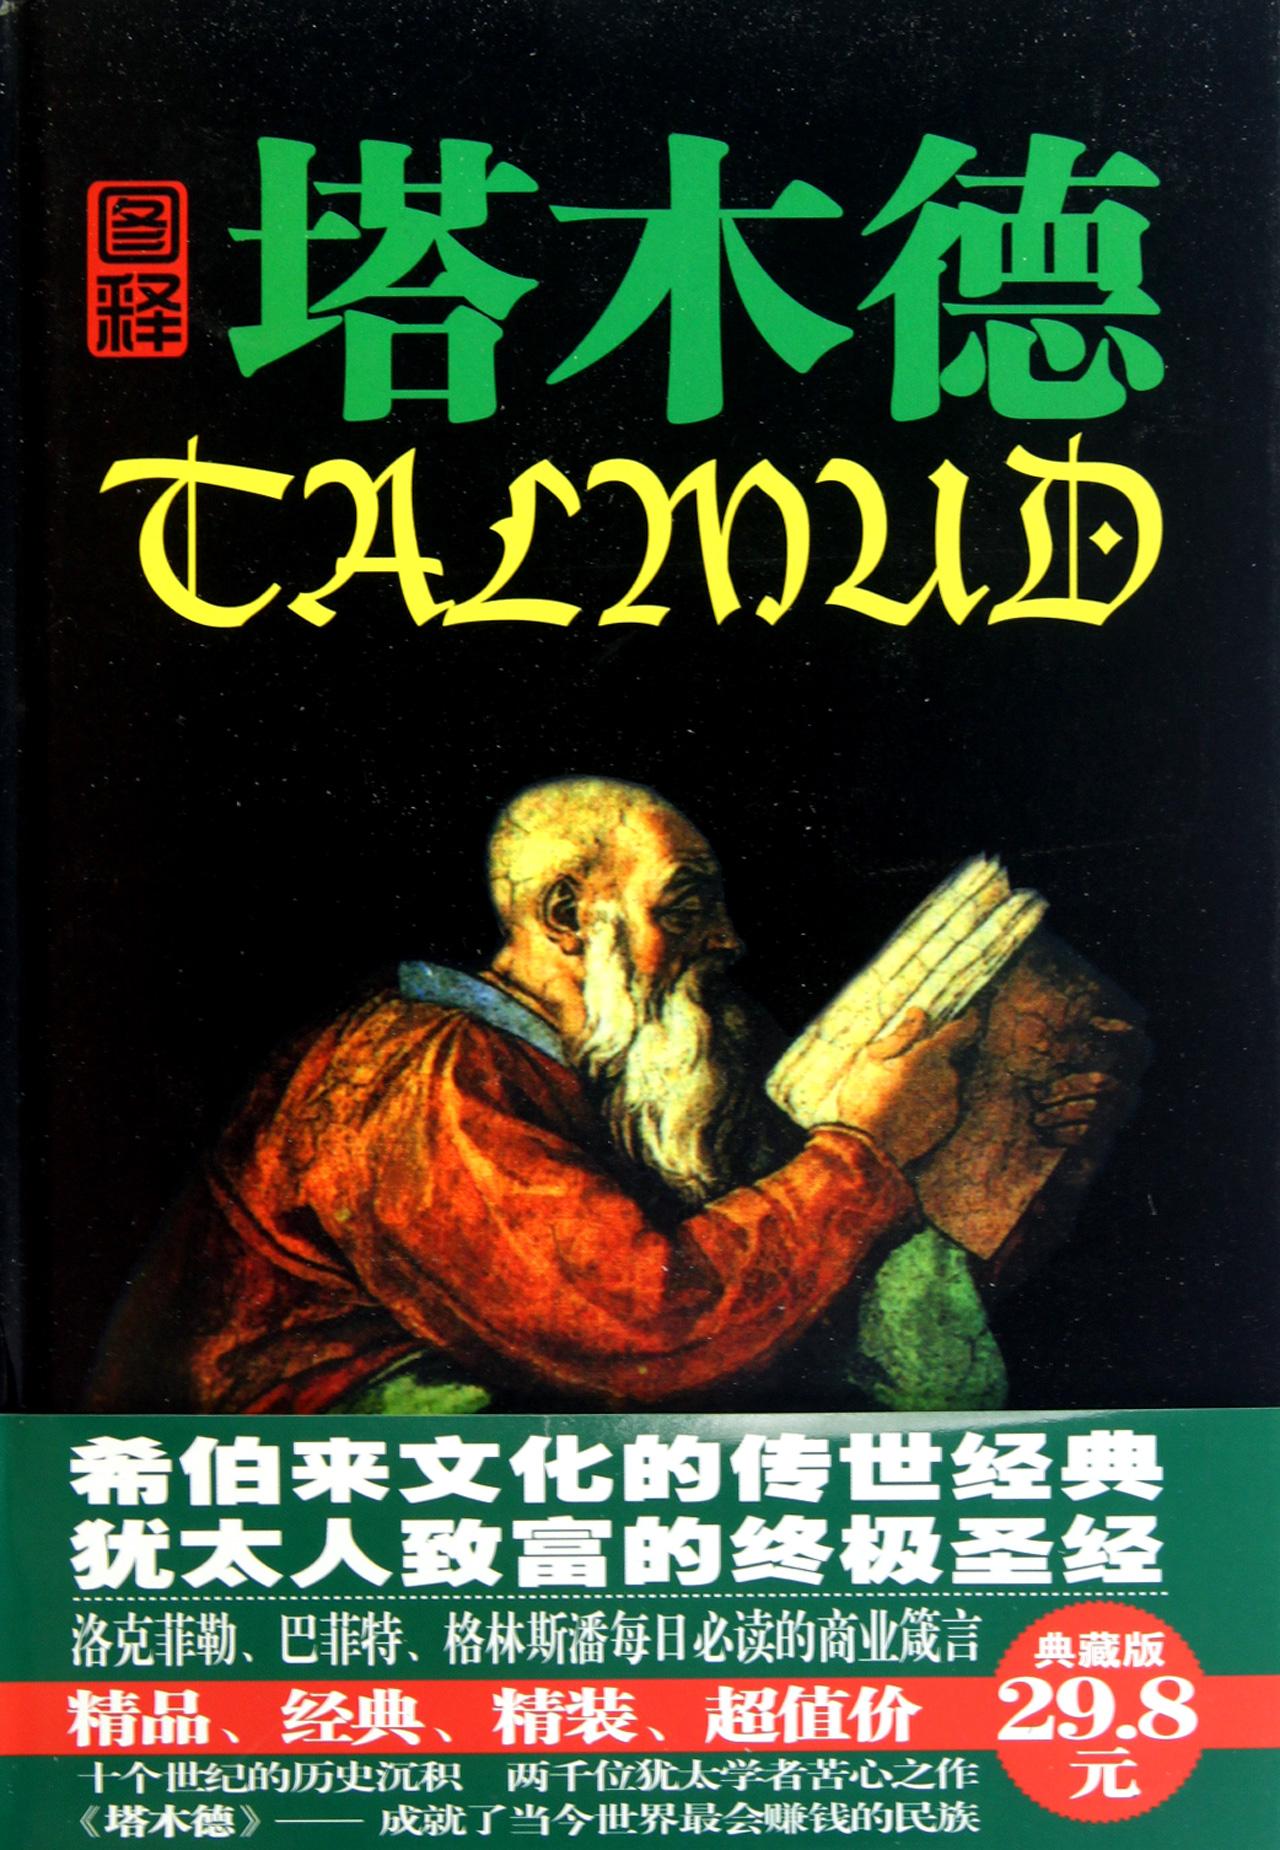 塔木德,犹太人致富的终极圣经